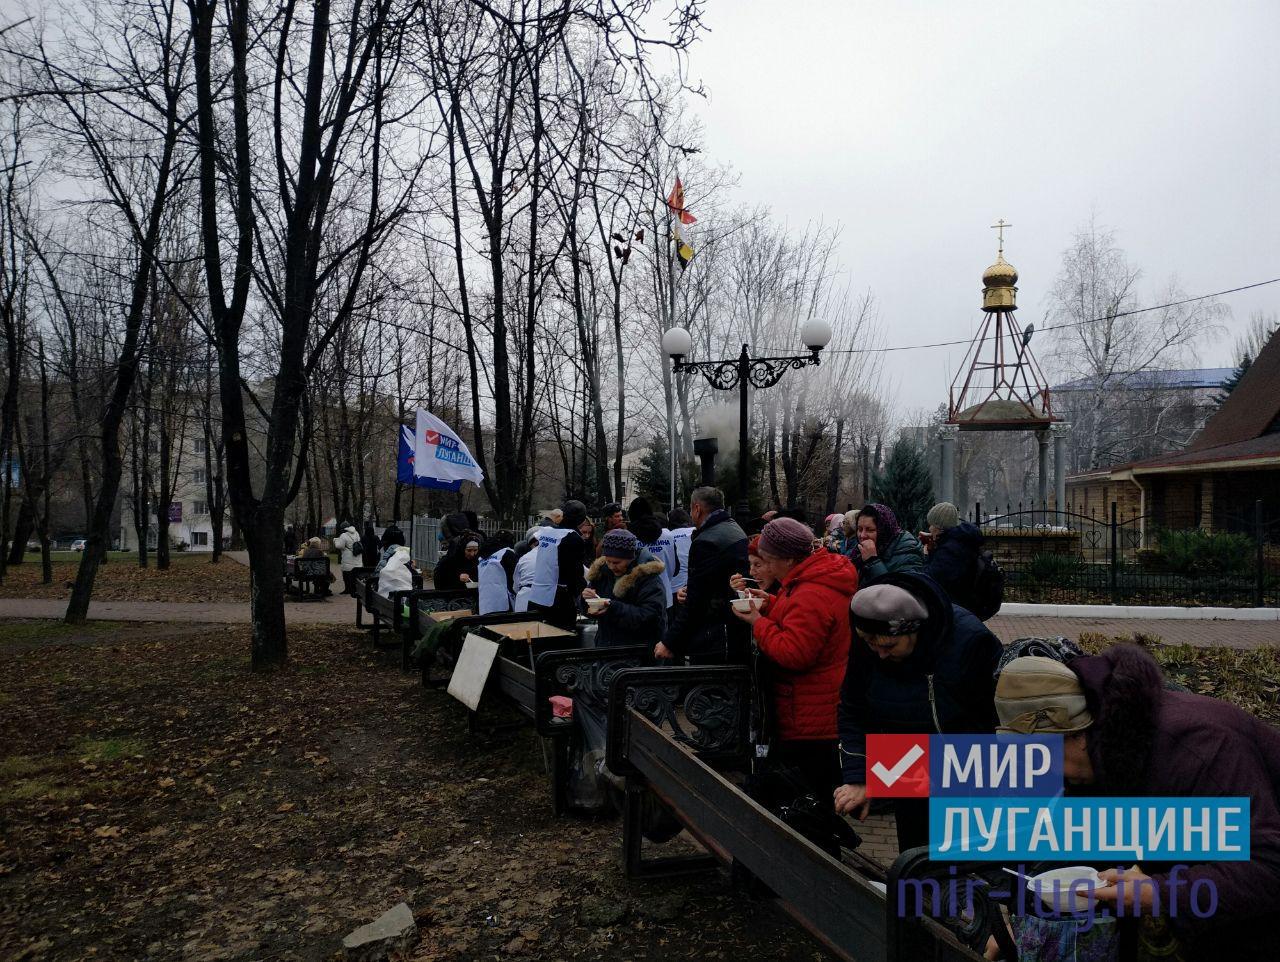 Активисты проекта «Дружина» провели акцию «Делай добро дружно» ко Дню святого Николая